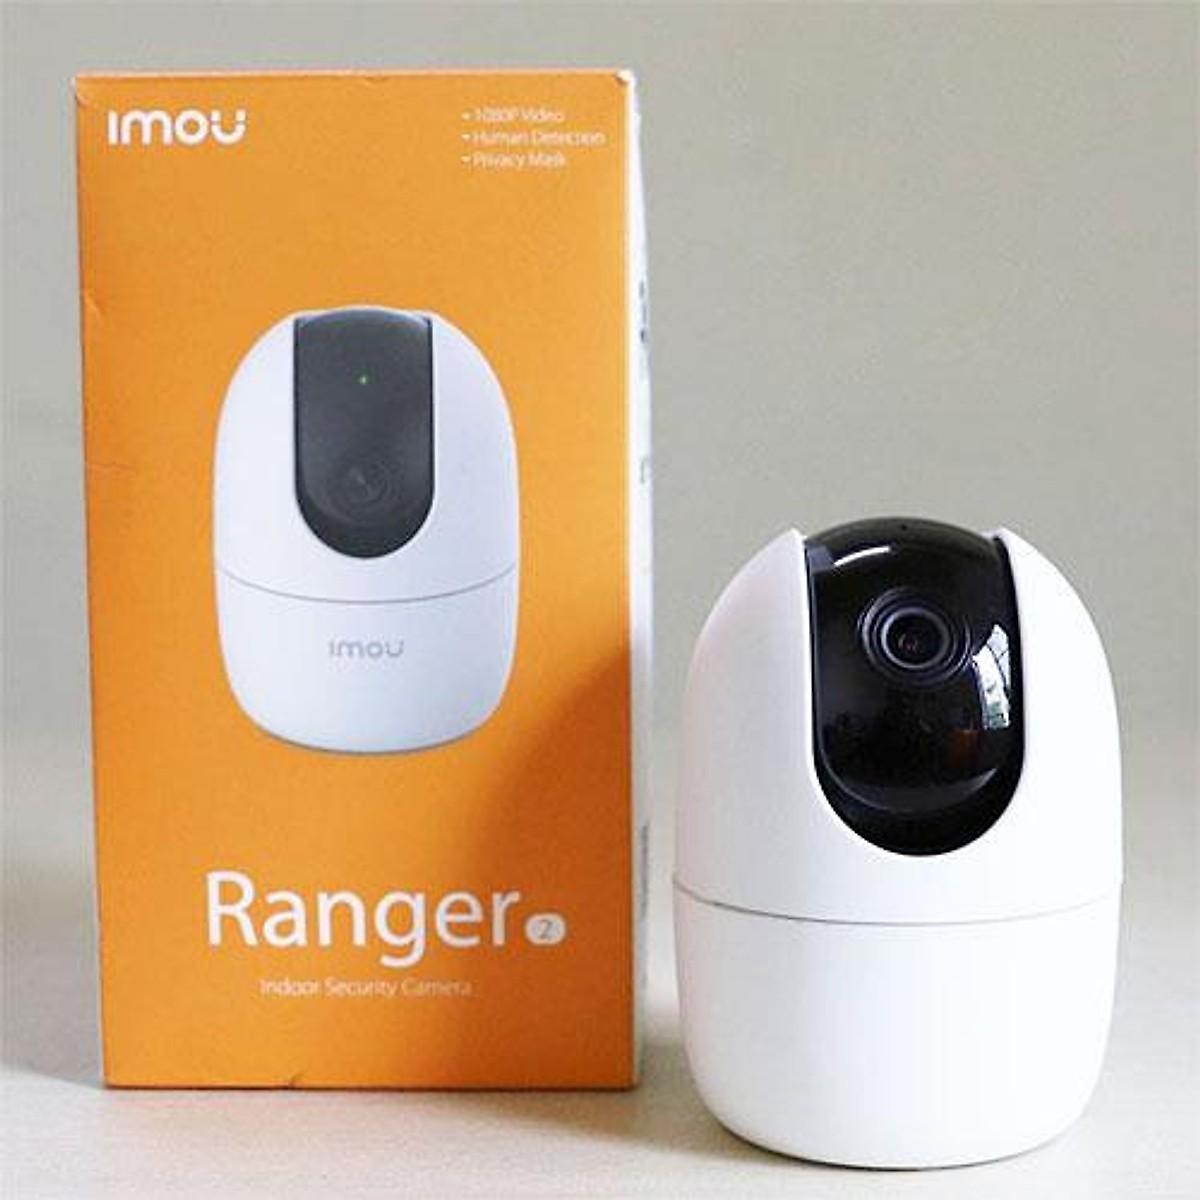 Camera IP Wifi Dahua Imou IPC-A22EP 2.0mpx Full HD - Hàng Chính hãng